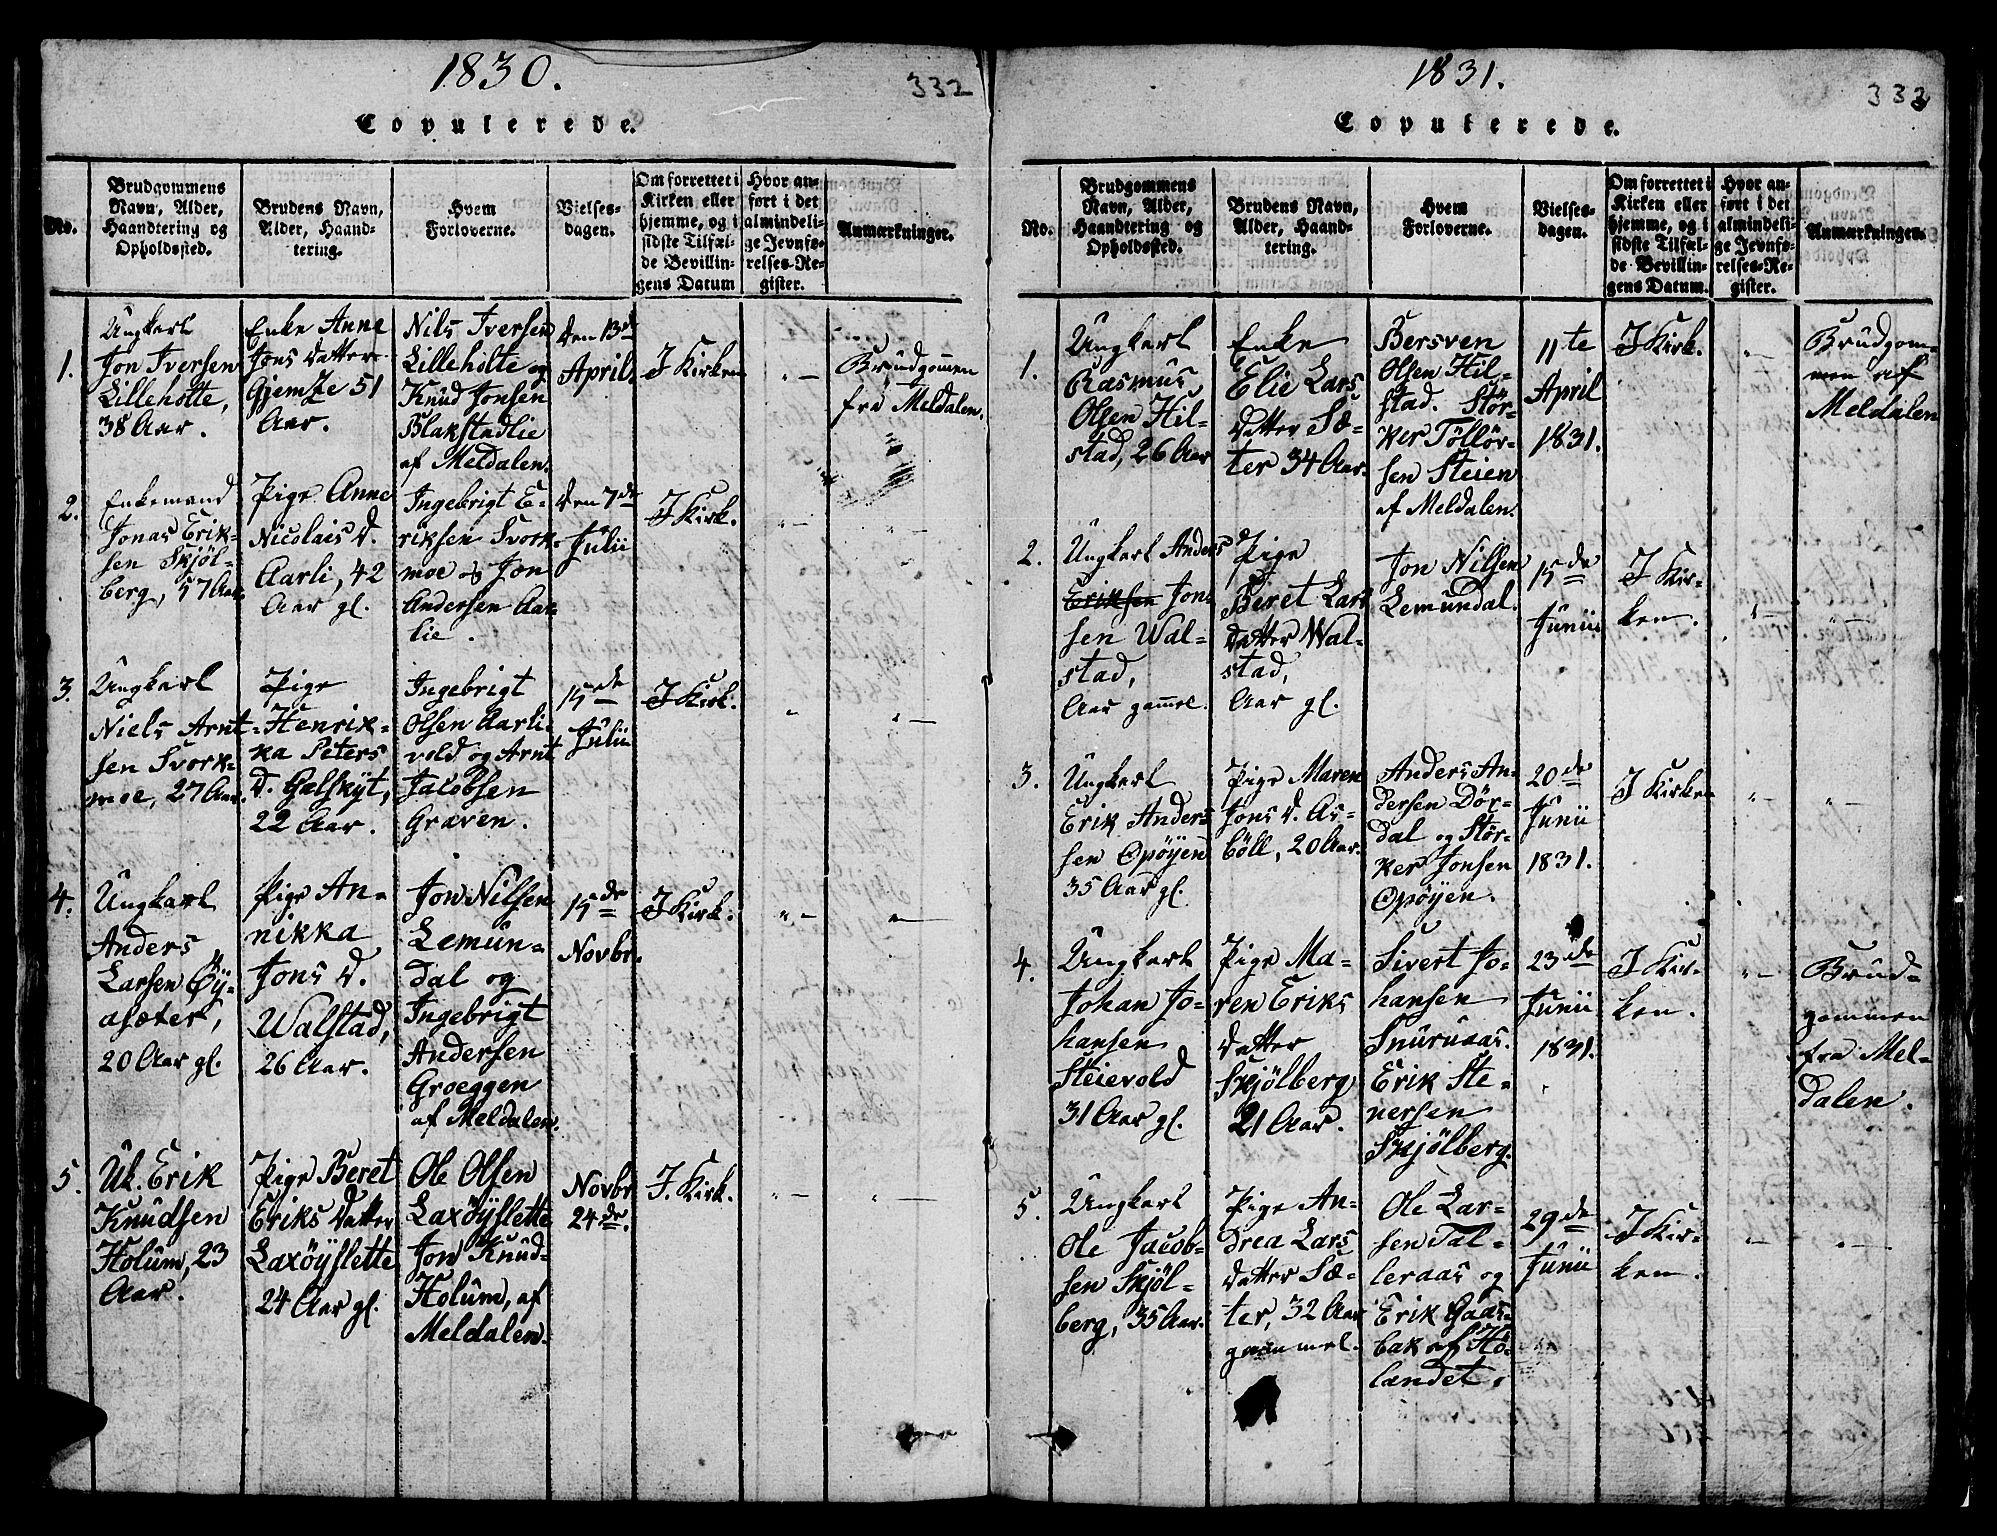 SAT, Ministerialprotokoller, klokkerbøker og fødselsregistre - Sør-Trøndelag, 671/L0842: Klokkerbok nr. 671C01, 1816-1867, s. 332-333